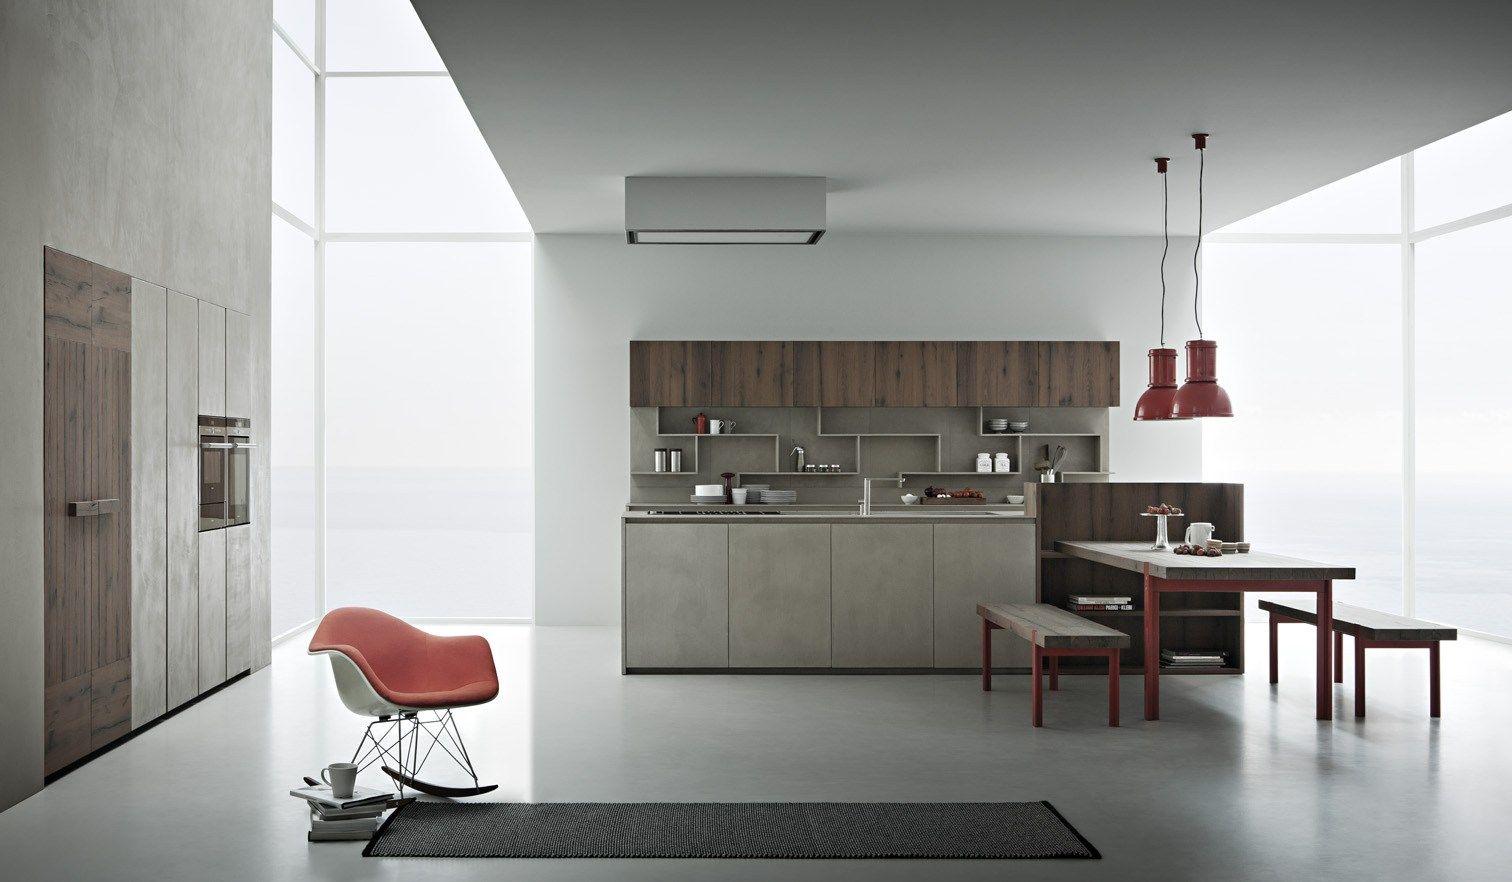 Cucina in resina di cemento con isola line k collezione line k by zampieri cucine design - Resina in cucina ...